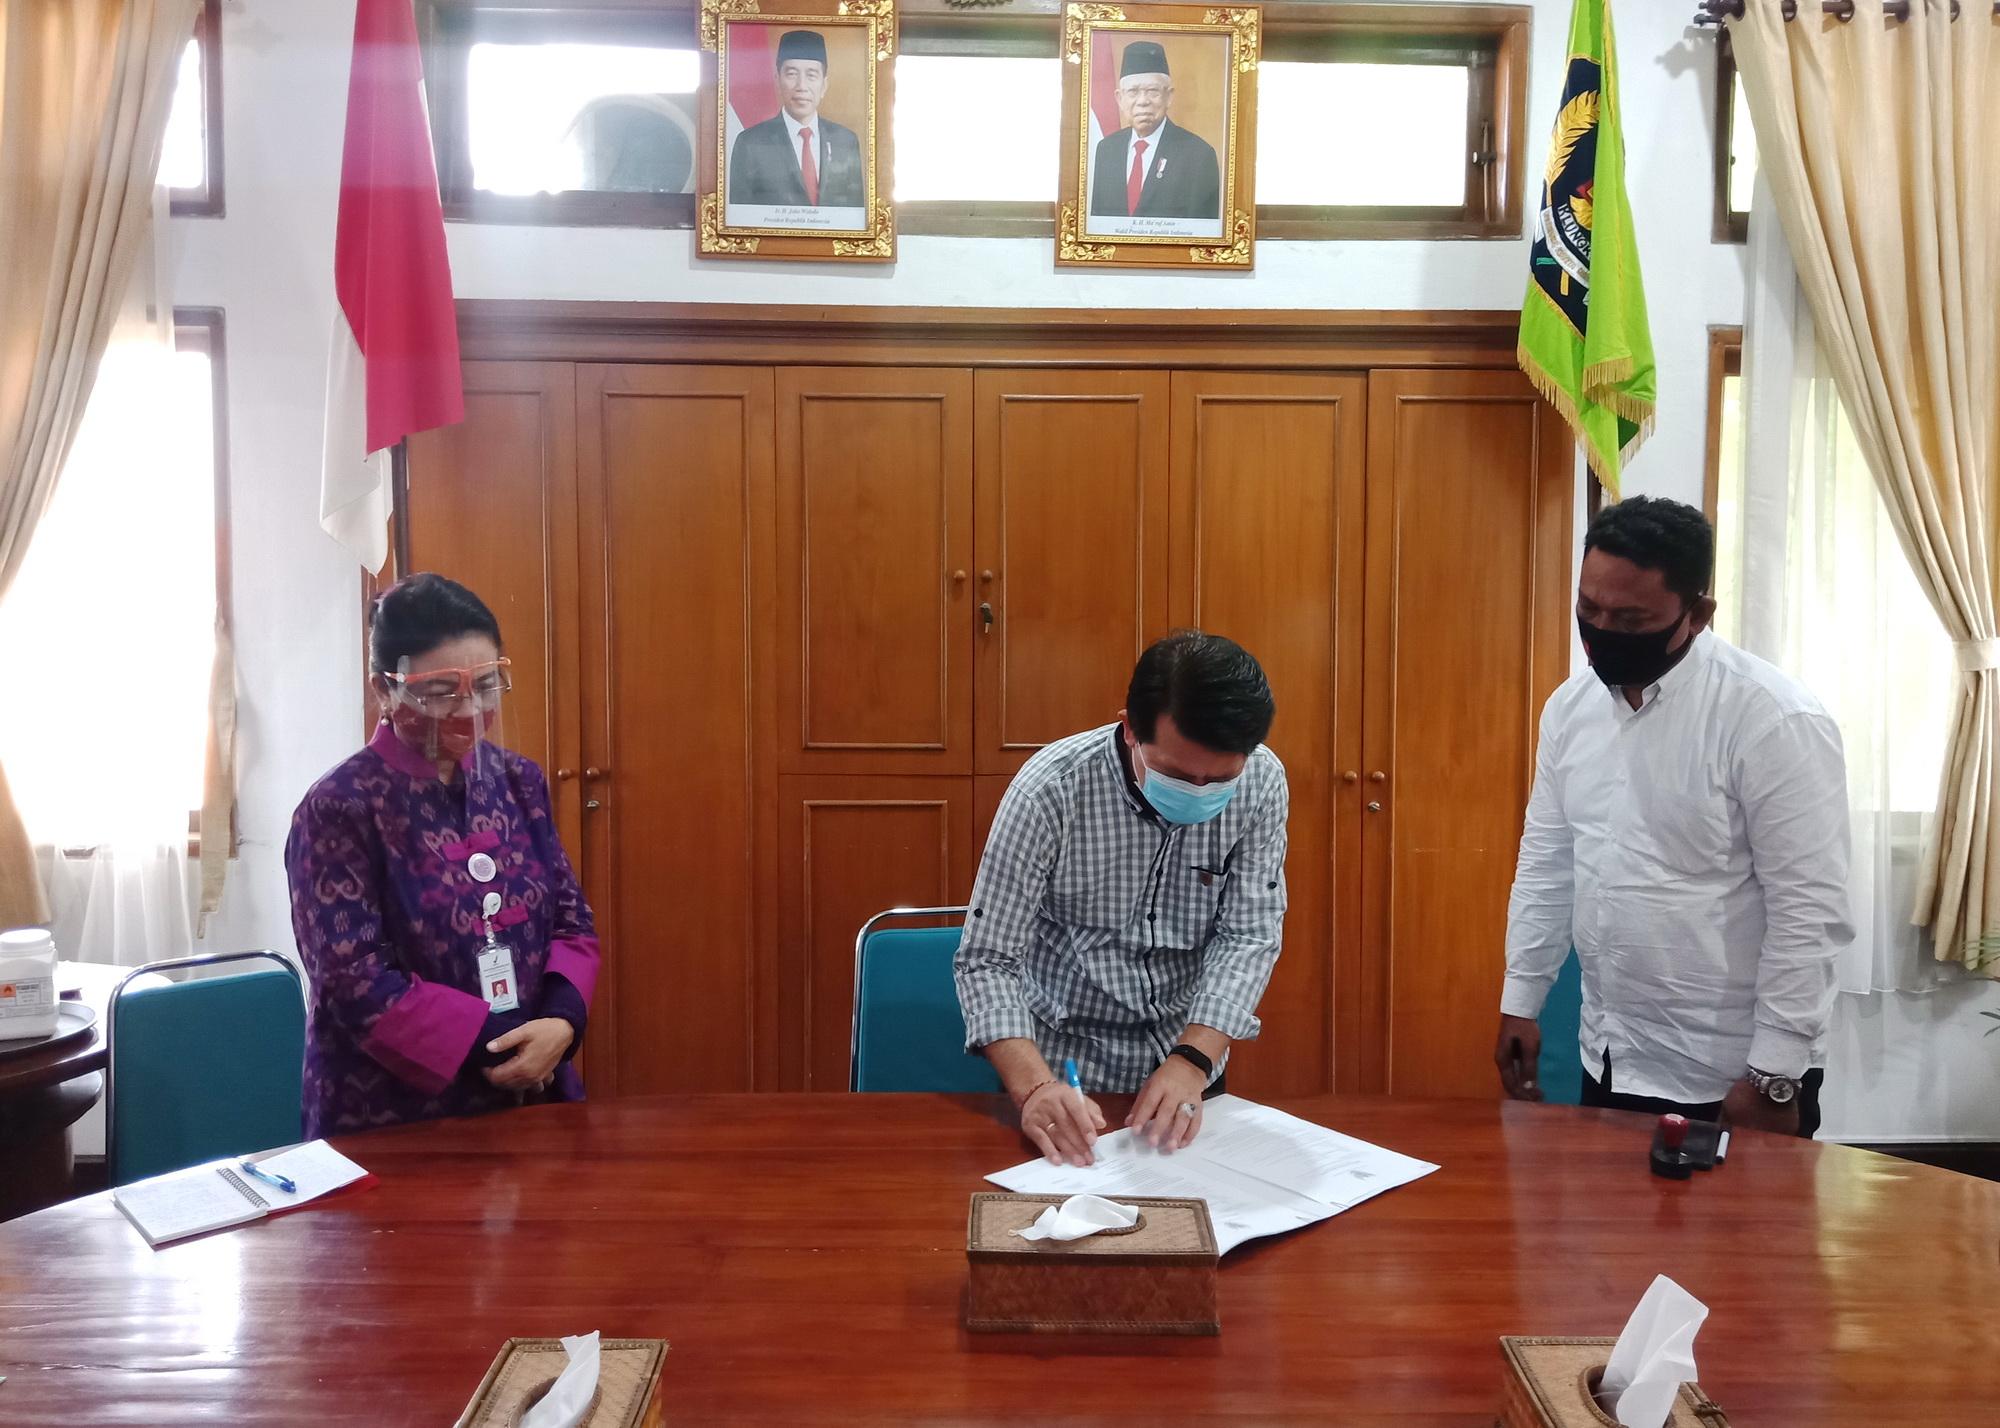 BUPATI Suwirta melakukan tanda tangan penyerahan bantuan KIO3 di Ruang Rapat, Kantor Bupati Klungkung, Selasa (29/9/2020). Foto: baw